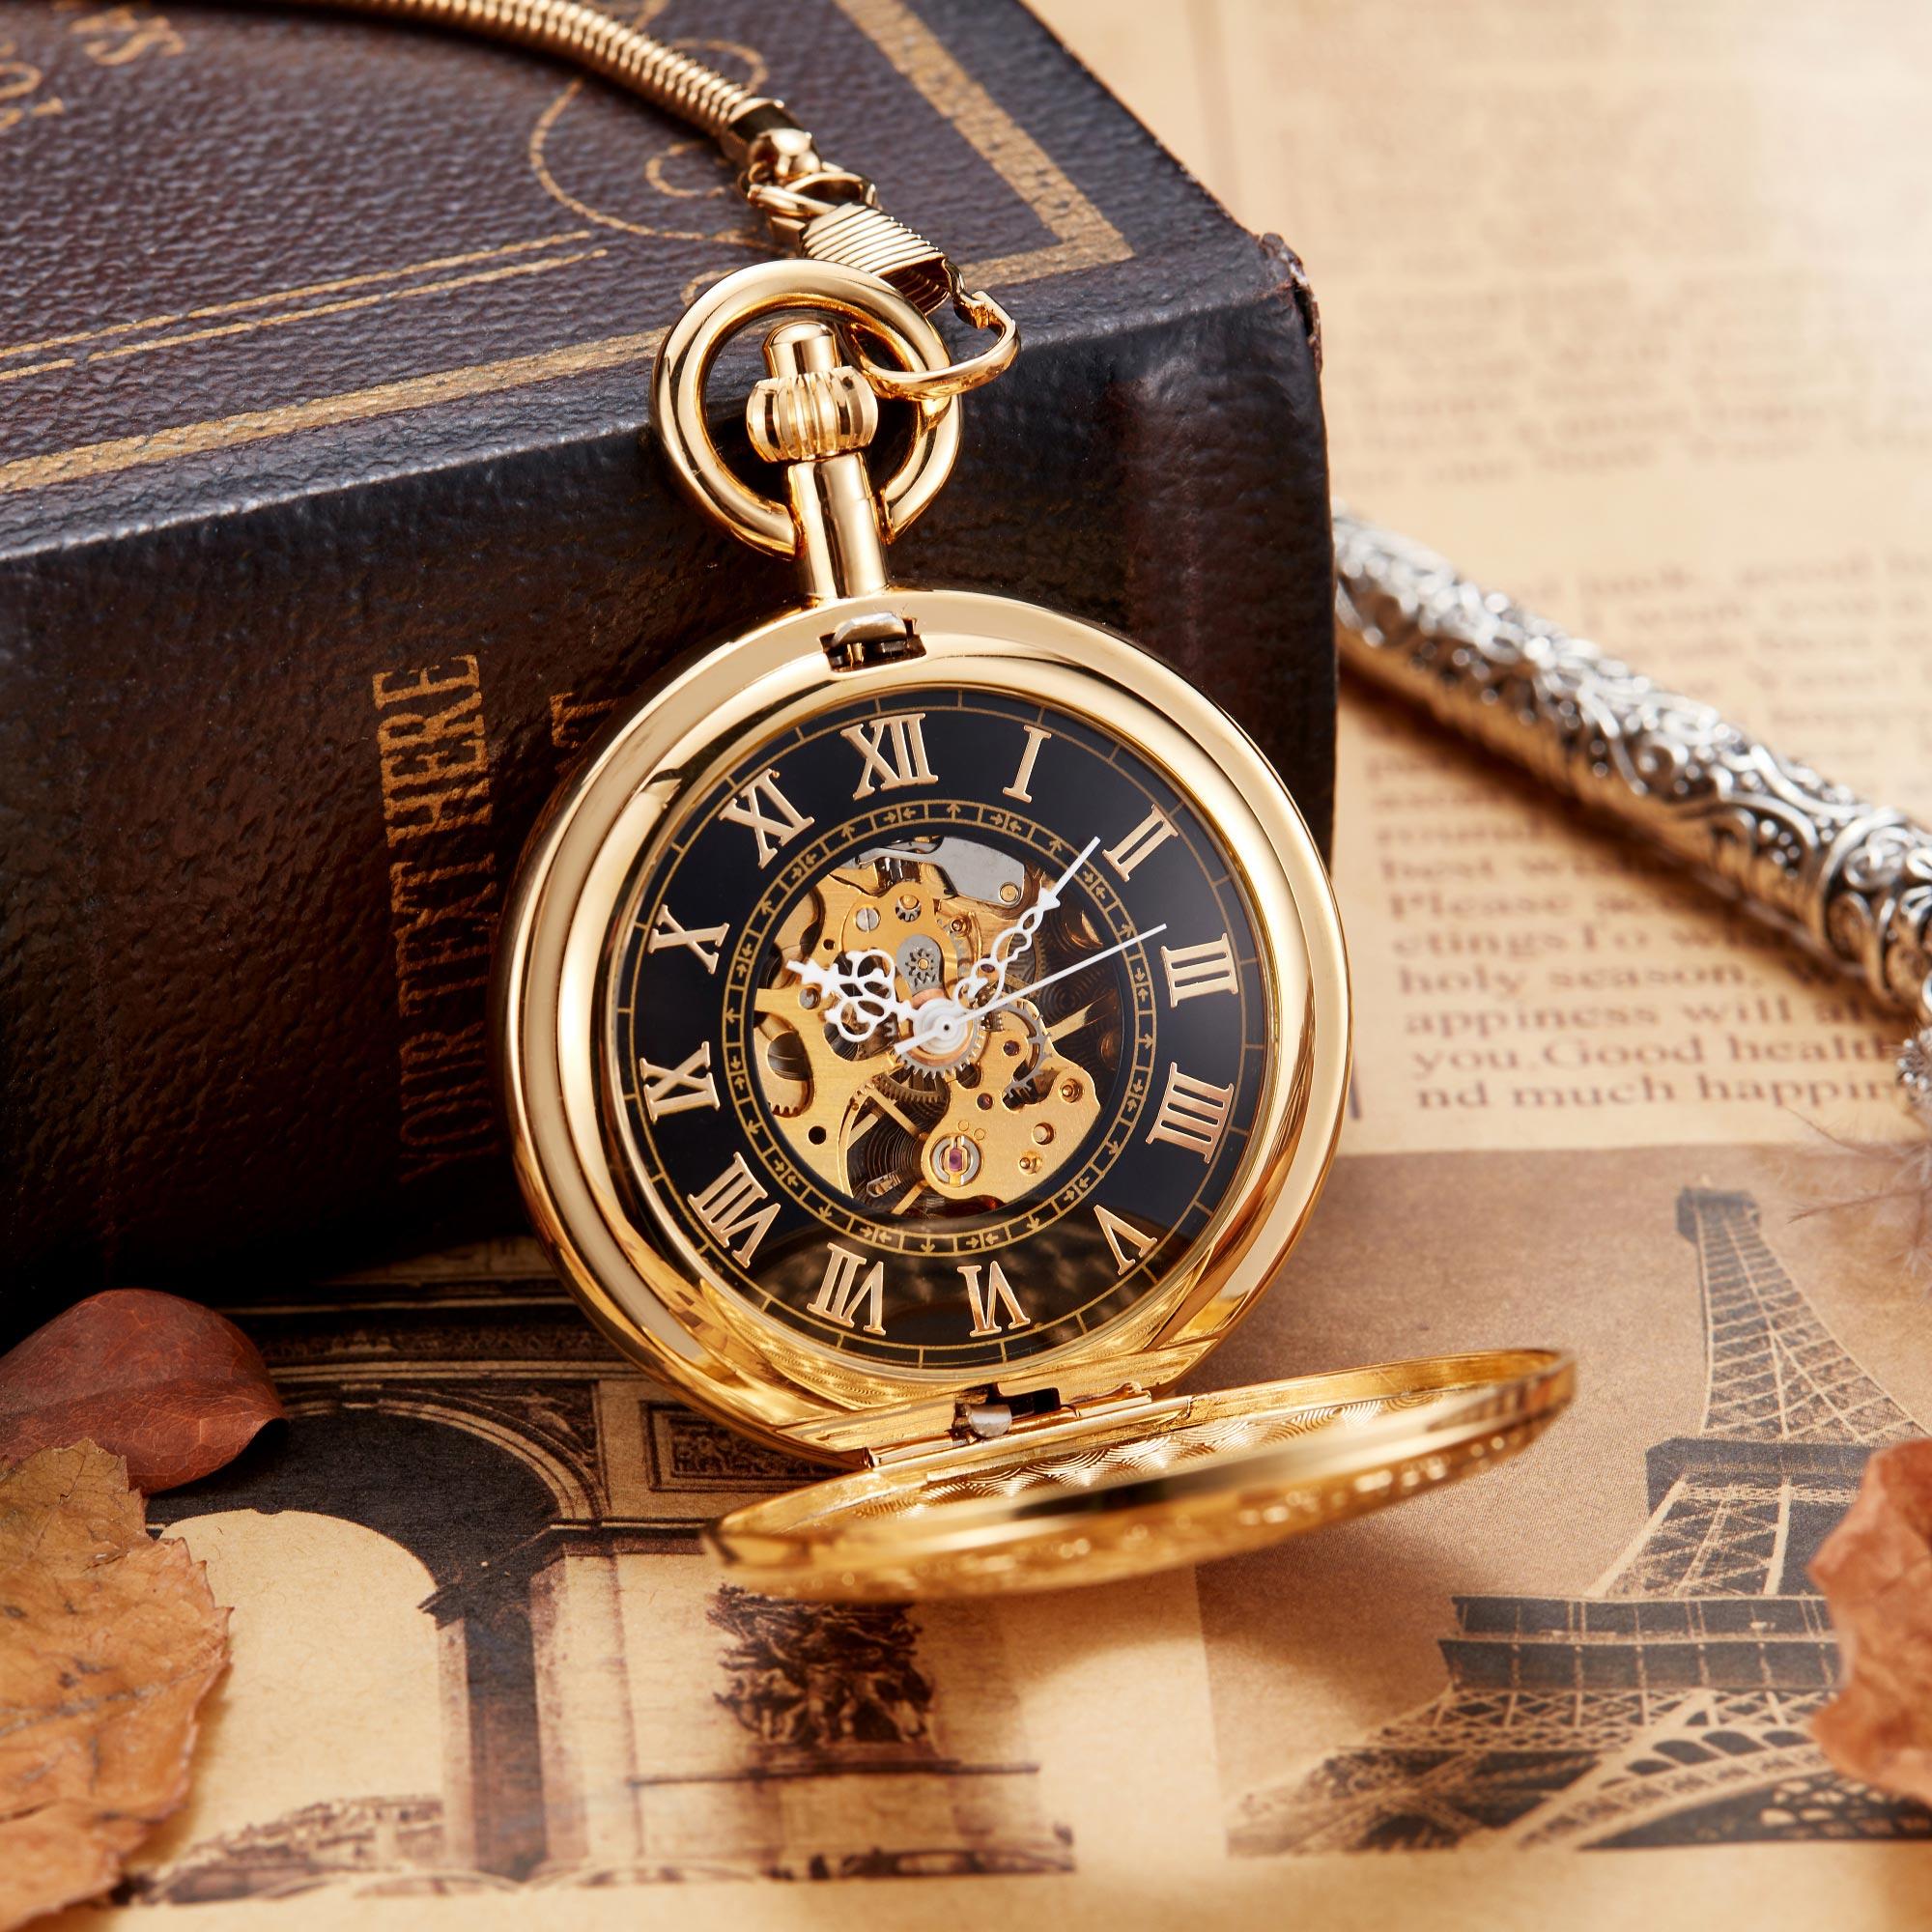 Montre de poche mécanique en or de luxe Vintage cuivre mâle horloge main vent carré collier montre chaîne pour hommes femmes cadeau